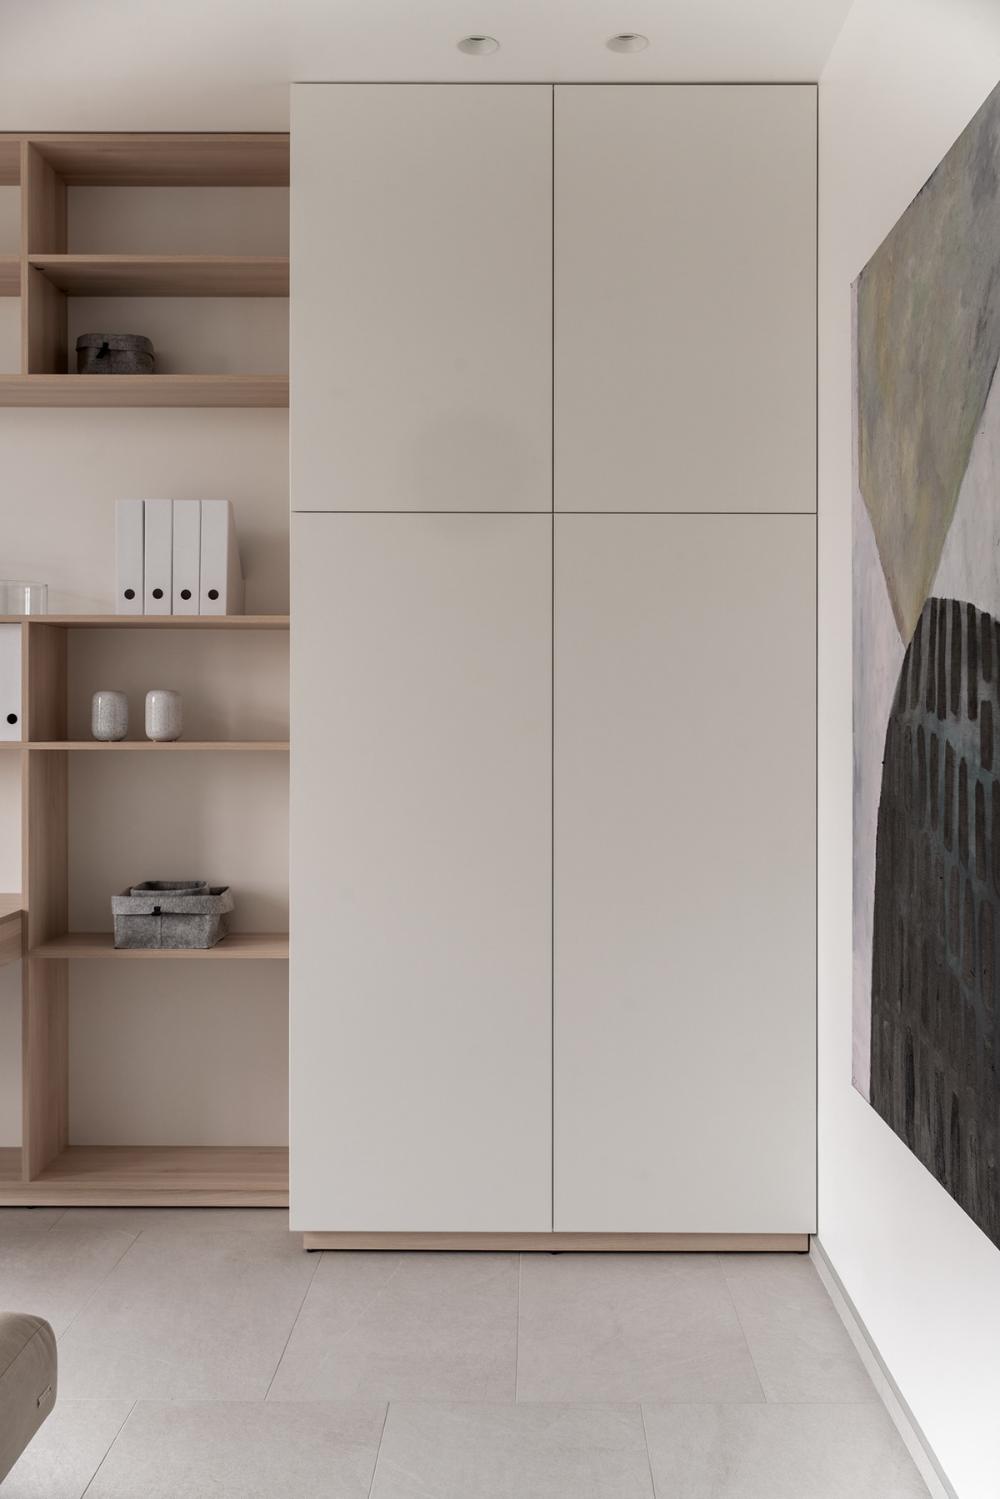 Qdro On Behance In 2020 Tall Cabinet Storage Storage Interior